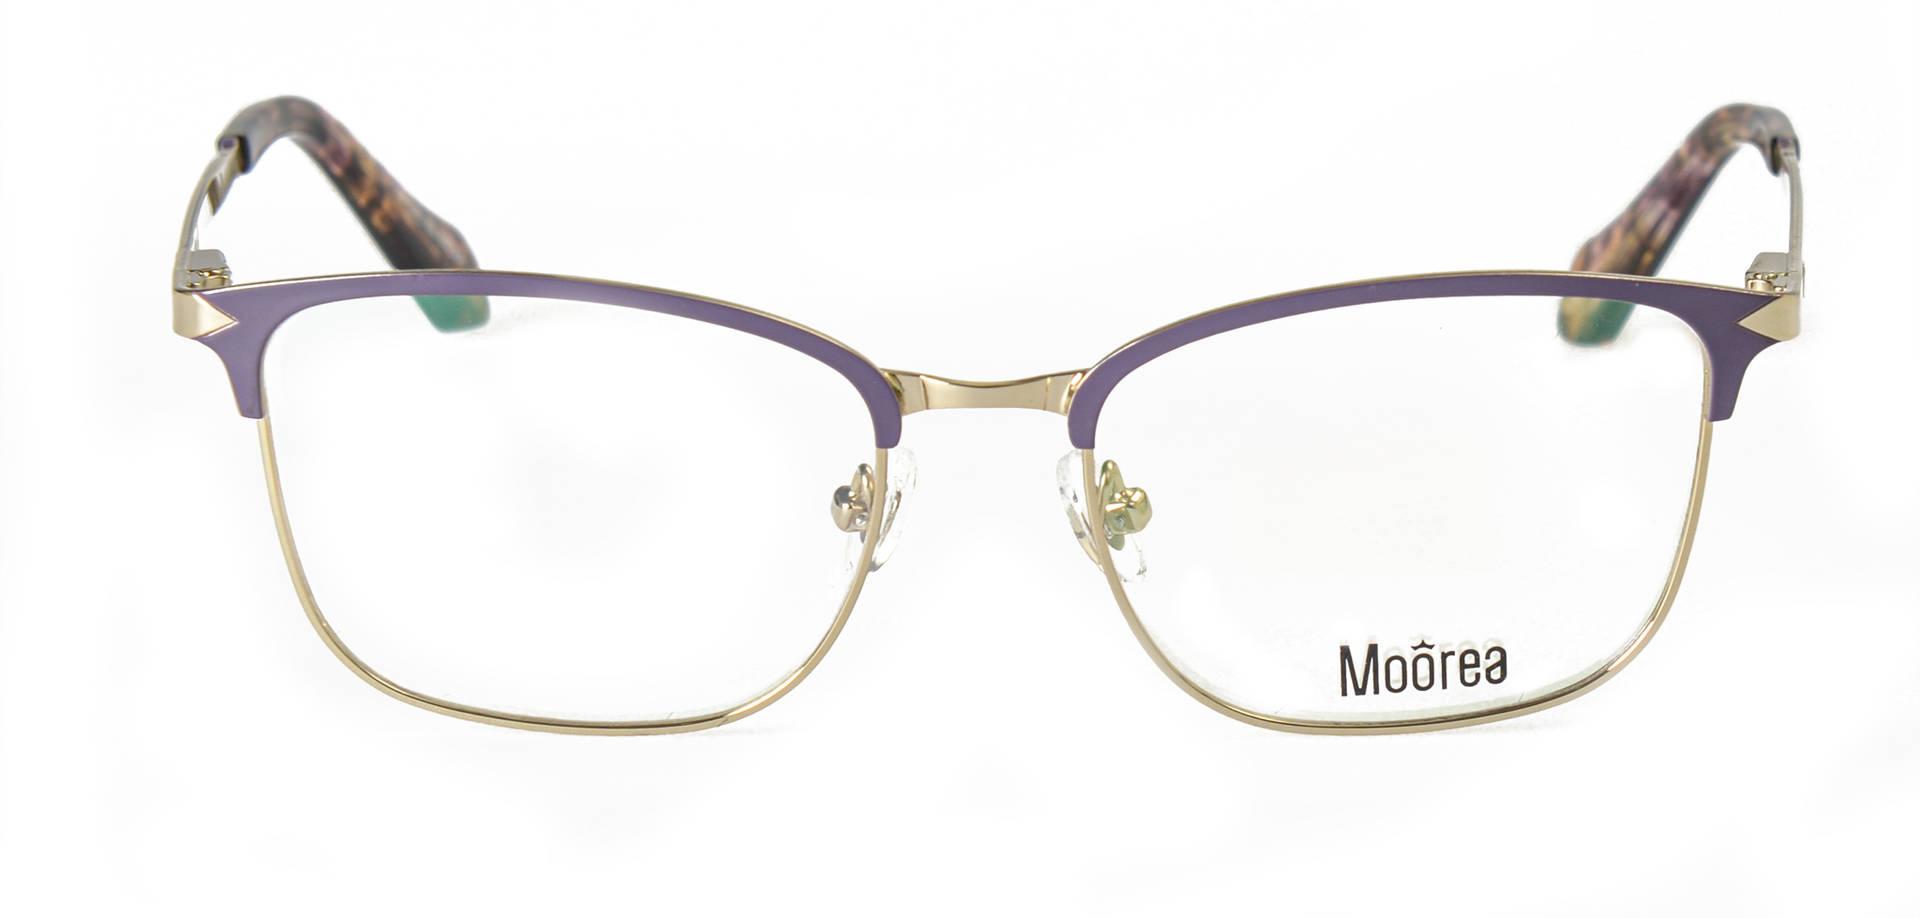 7R2-MOOREA-03 C2